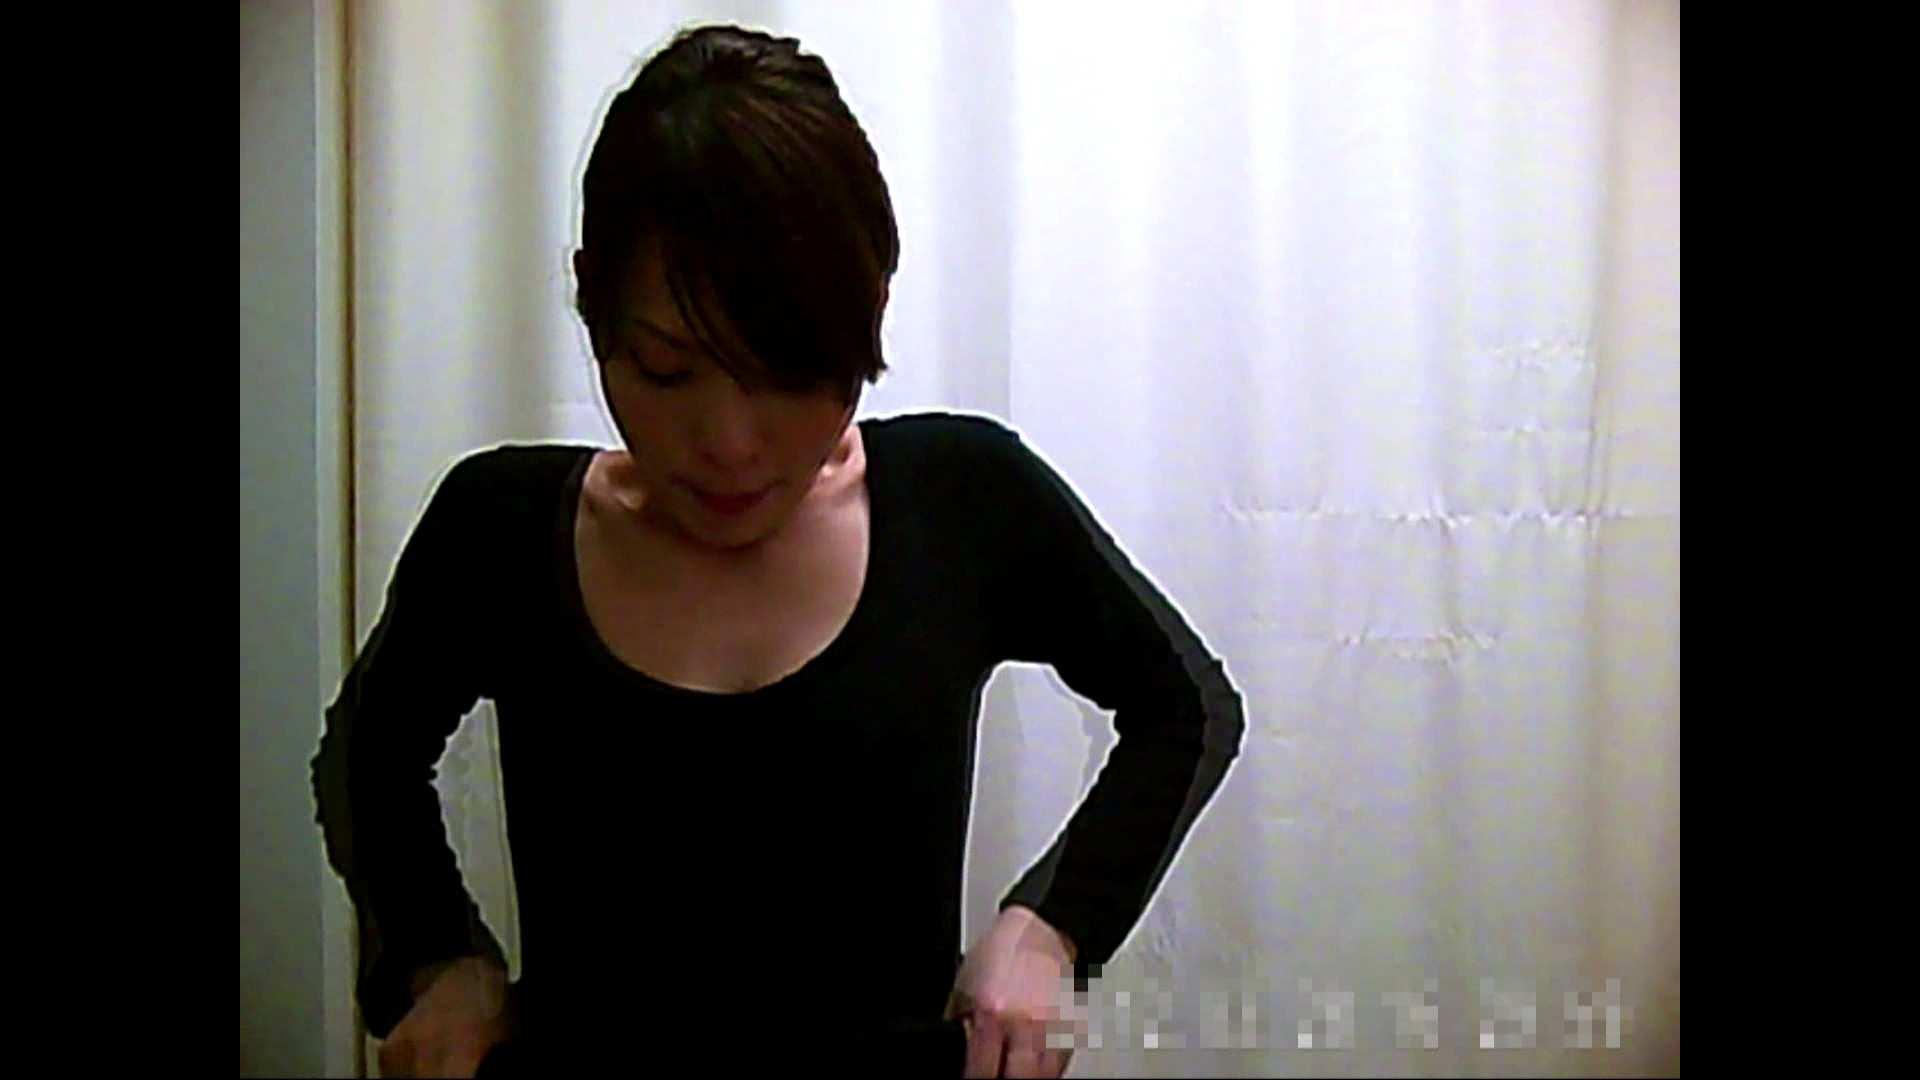 元医者による反抗 更衣室地獄絵巻 vol.024 お姉さんのSEX スケベ動画紹介 81枚 71